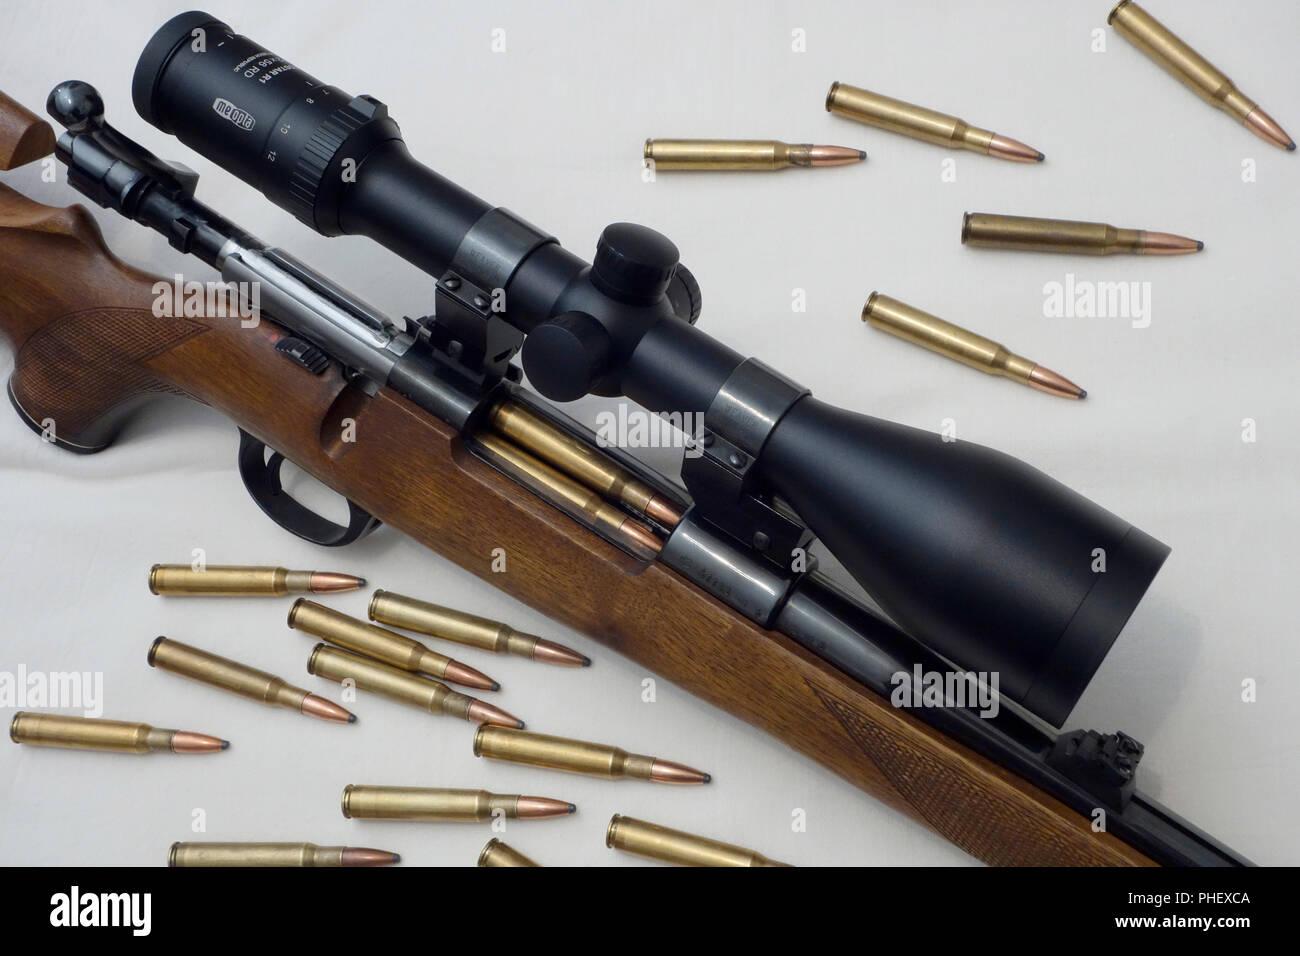 Nahaufnahme eines Jagd Sporting Rifle mit Mauser Verriegelungssystem und montiert Gewehr - Umfang und zerstreute Munition. 30-06 Stockbild